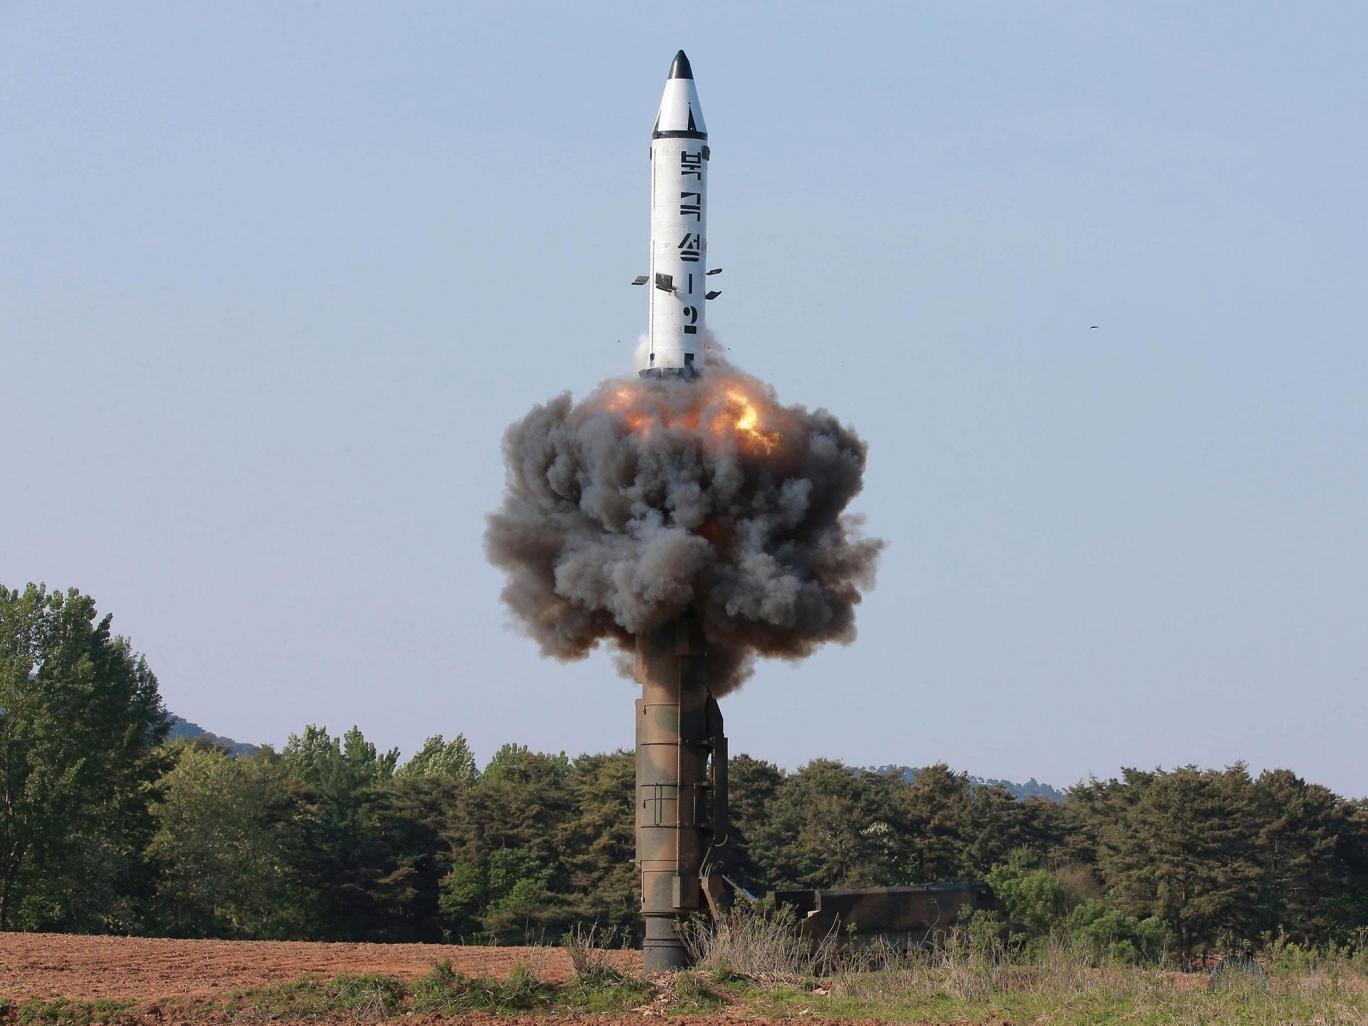 Hàn Quốc bất ngờ nổ súng cảnh cáo về phía Triều Tiên - 2